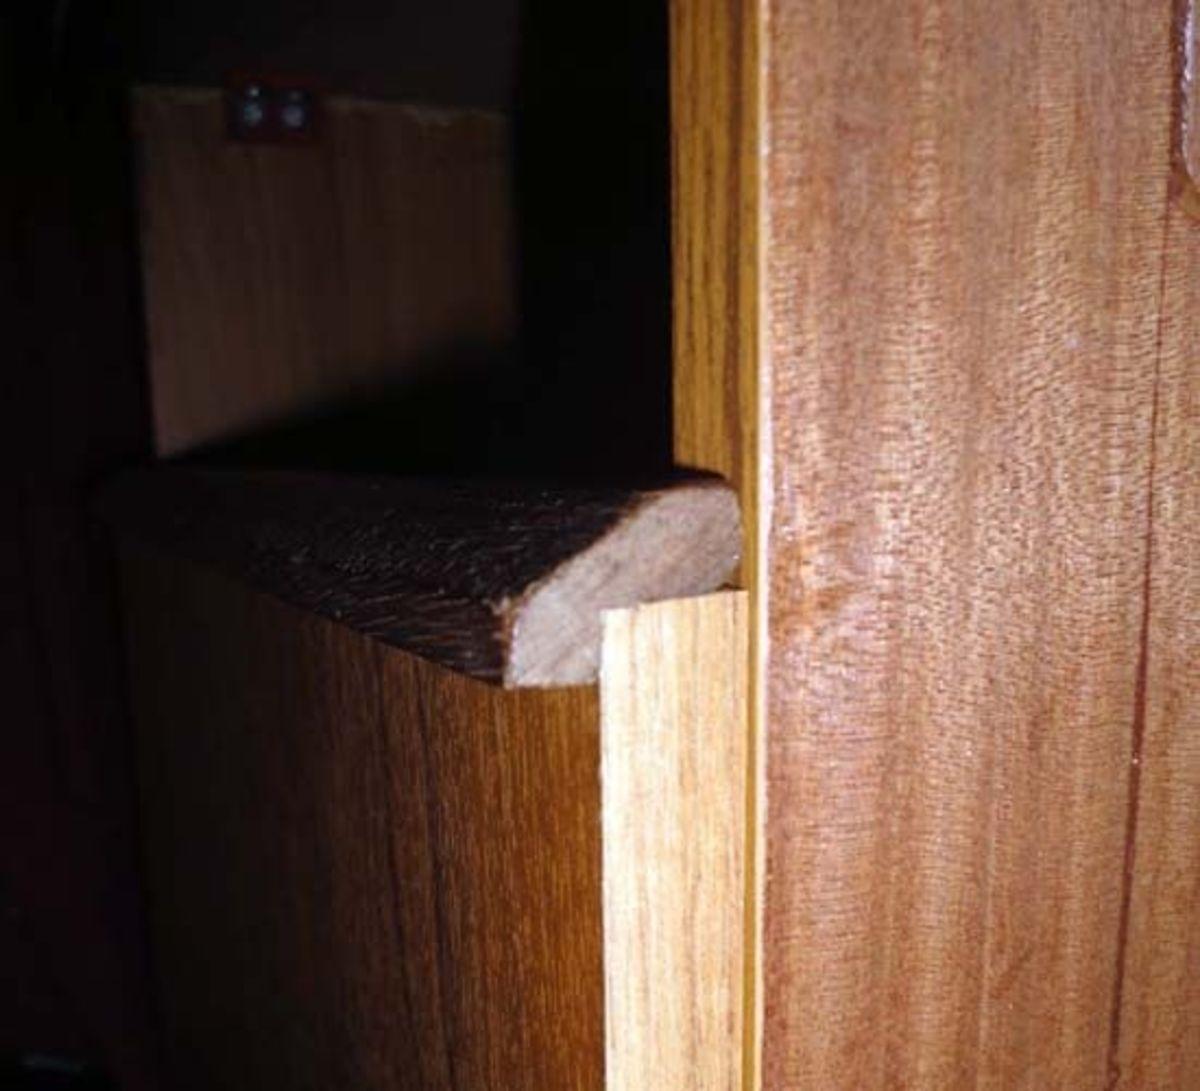 Wooden Handle on top of door